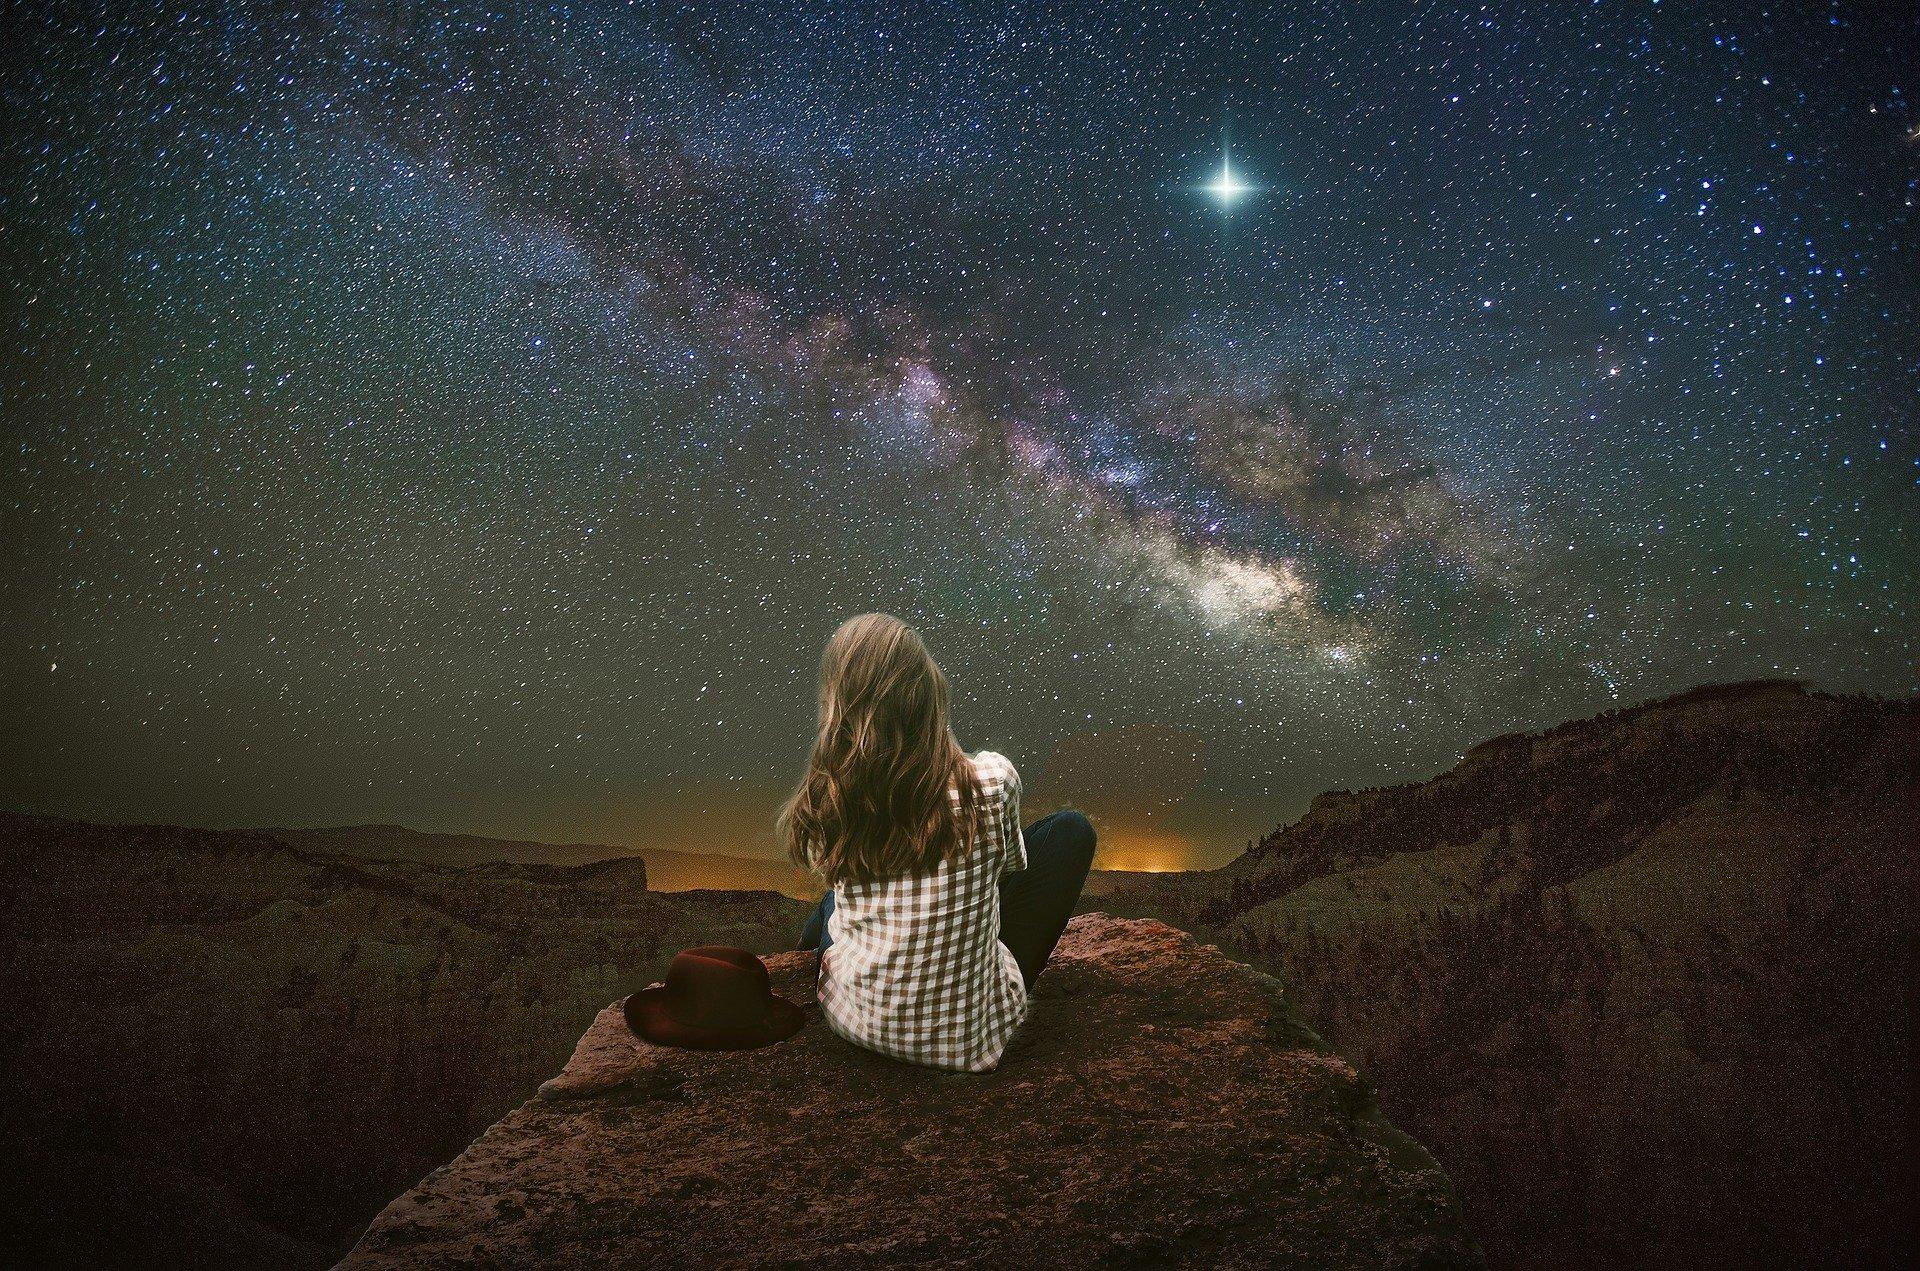 una ragazza di notte seduta su una roccia ad osservare la luna e le stelle